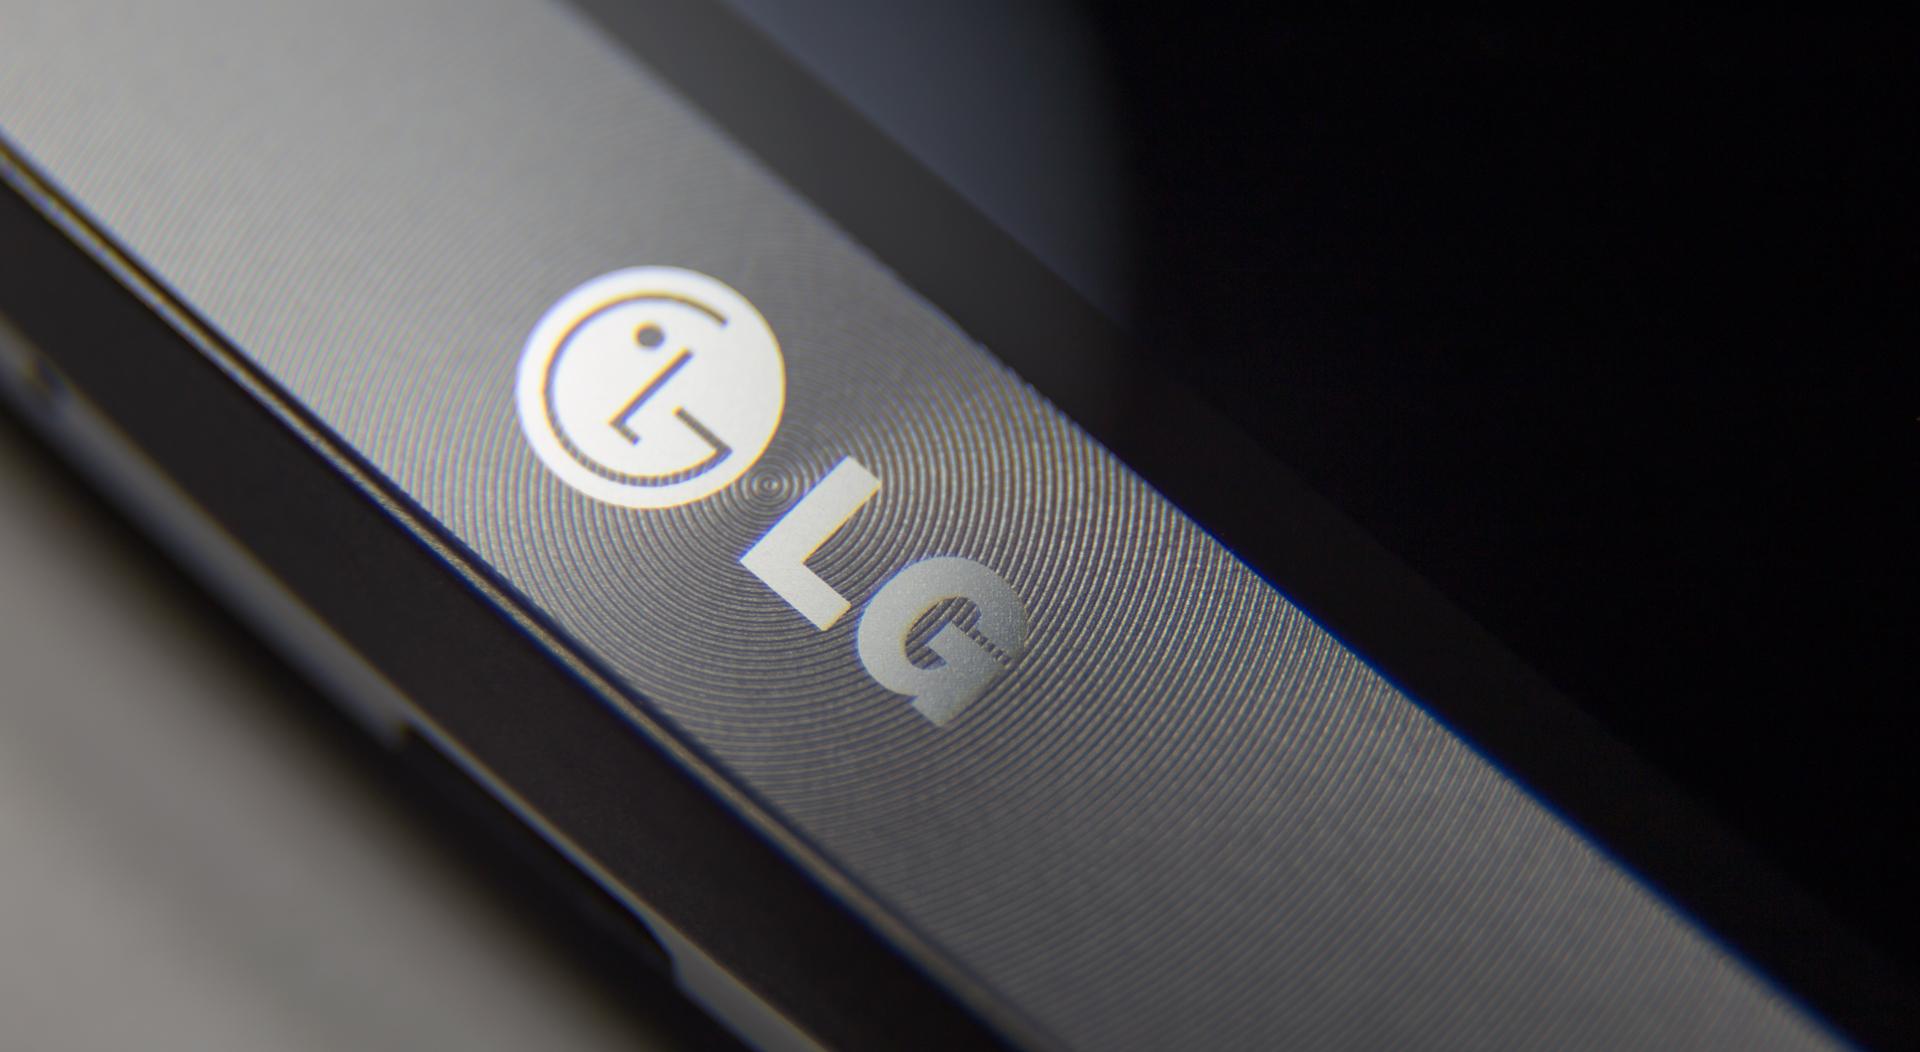 LG-G3-Mini-Kapak.jpg